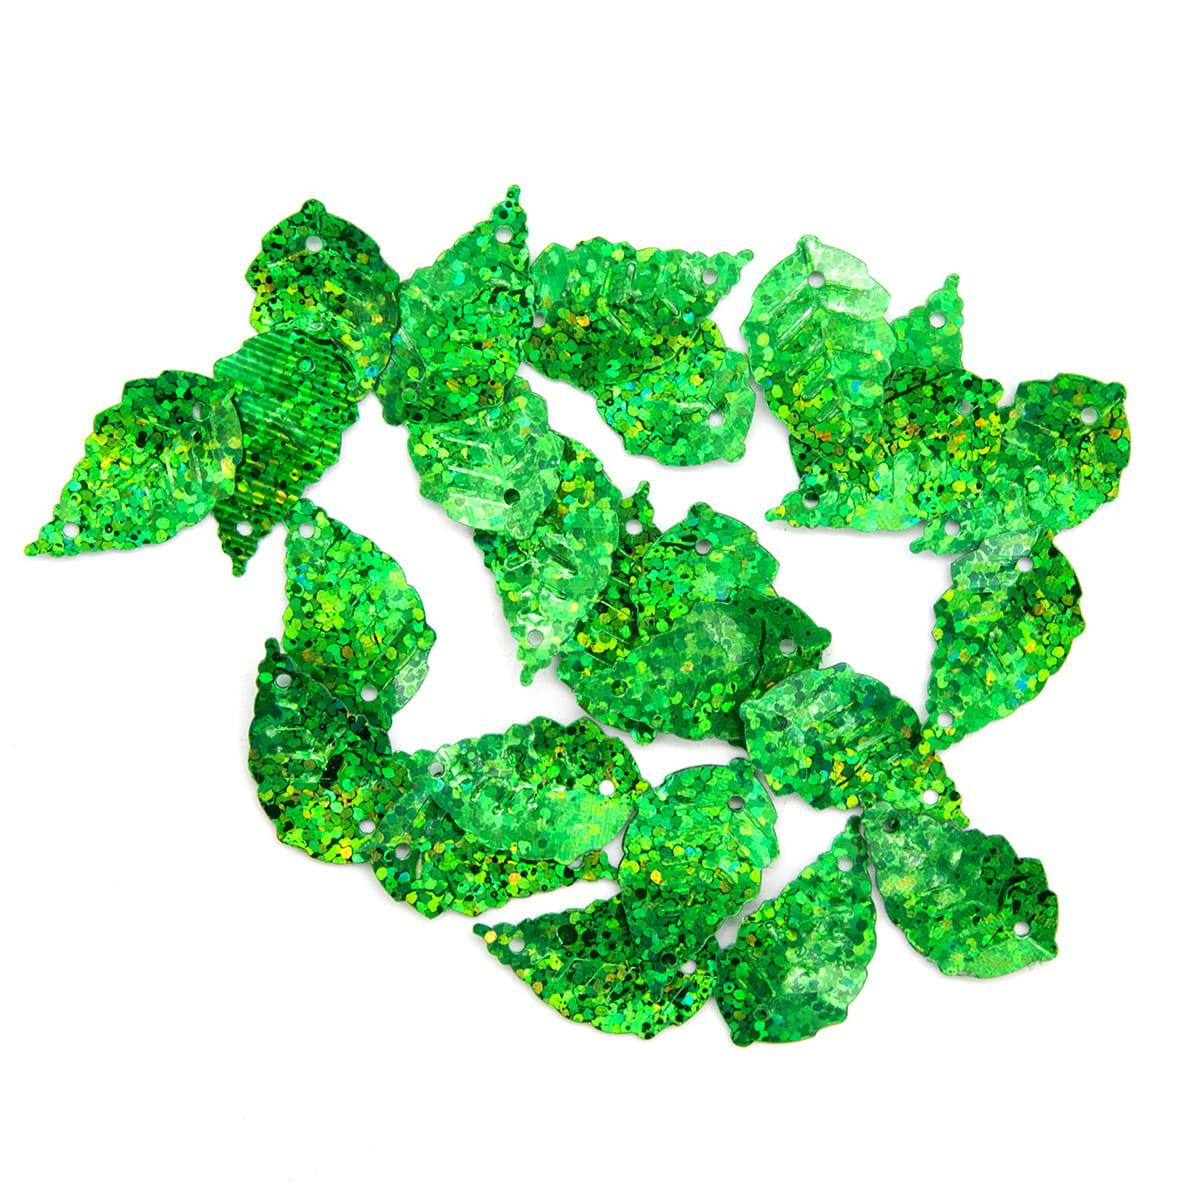 Пайетки 'листочки', 13*25 см, упак./10 гр., 'Астра' (50104 зеленый голограмма) фото